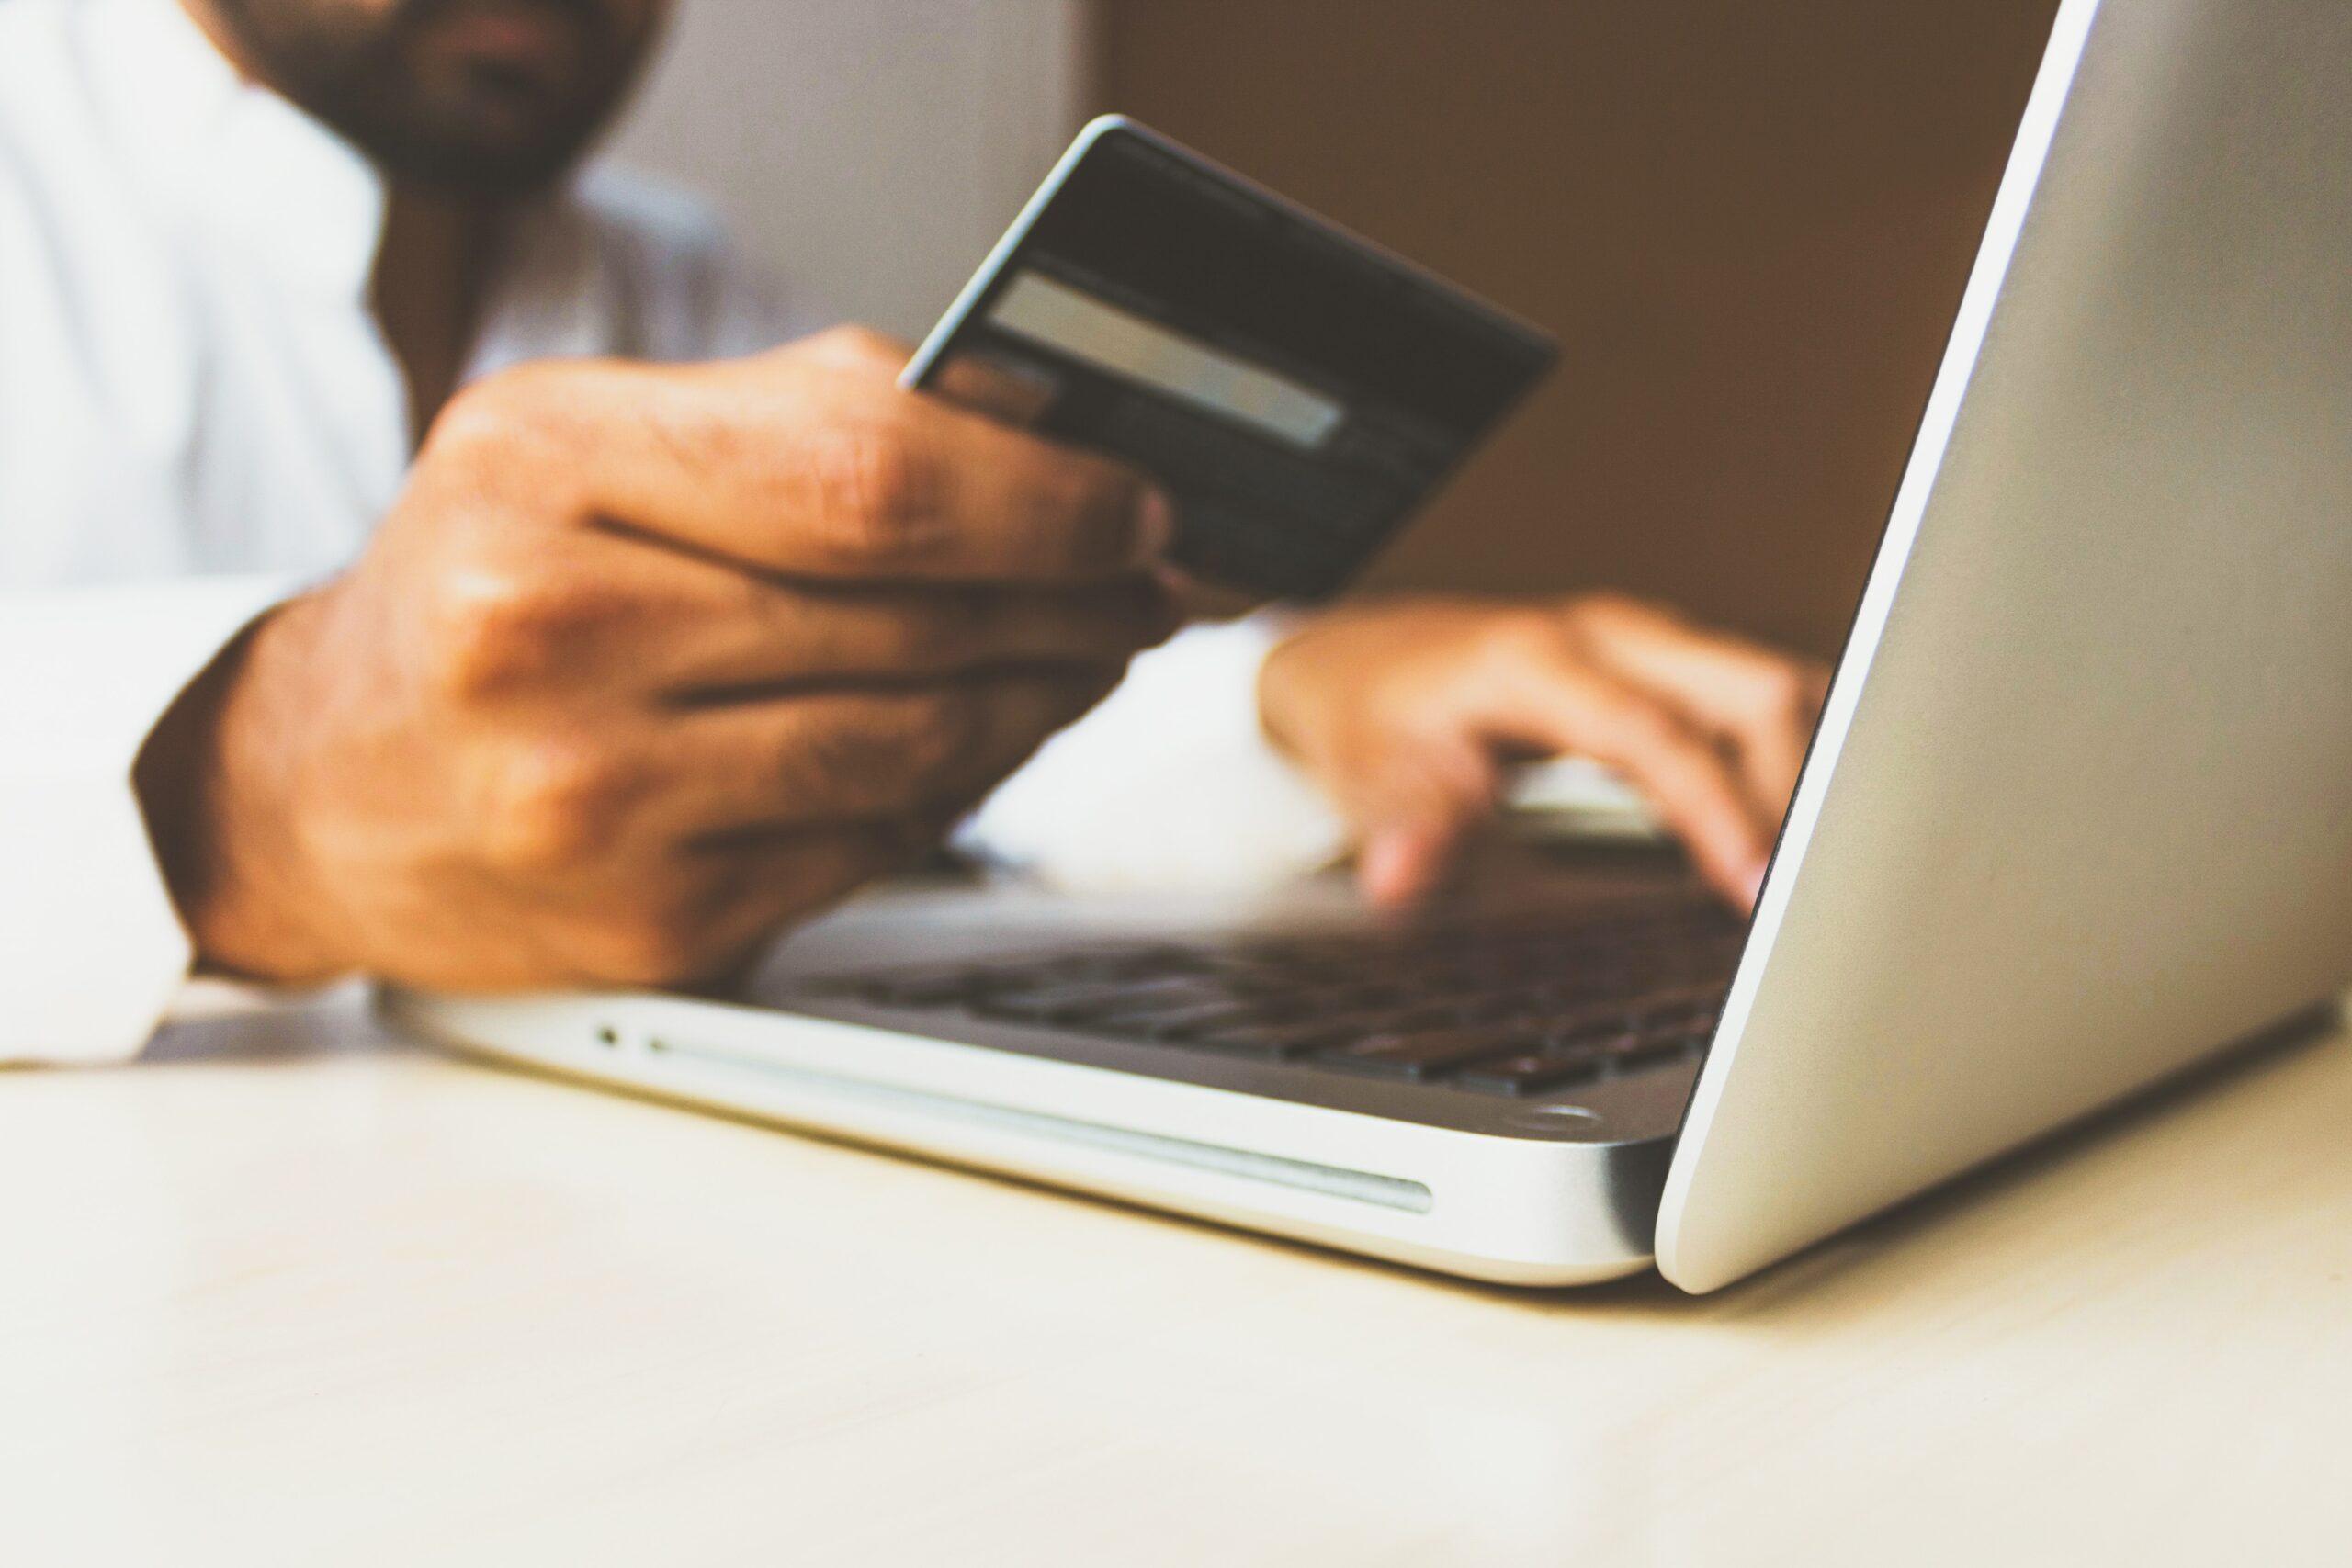 クレジットカードでの決済を推奨致します。なぜなら・・・page-visual クレジットカードでの決済を推奨致します。なぜなら・・・ビジュアル